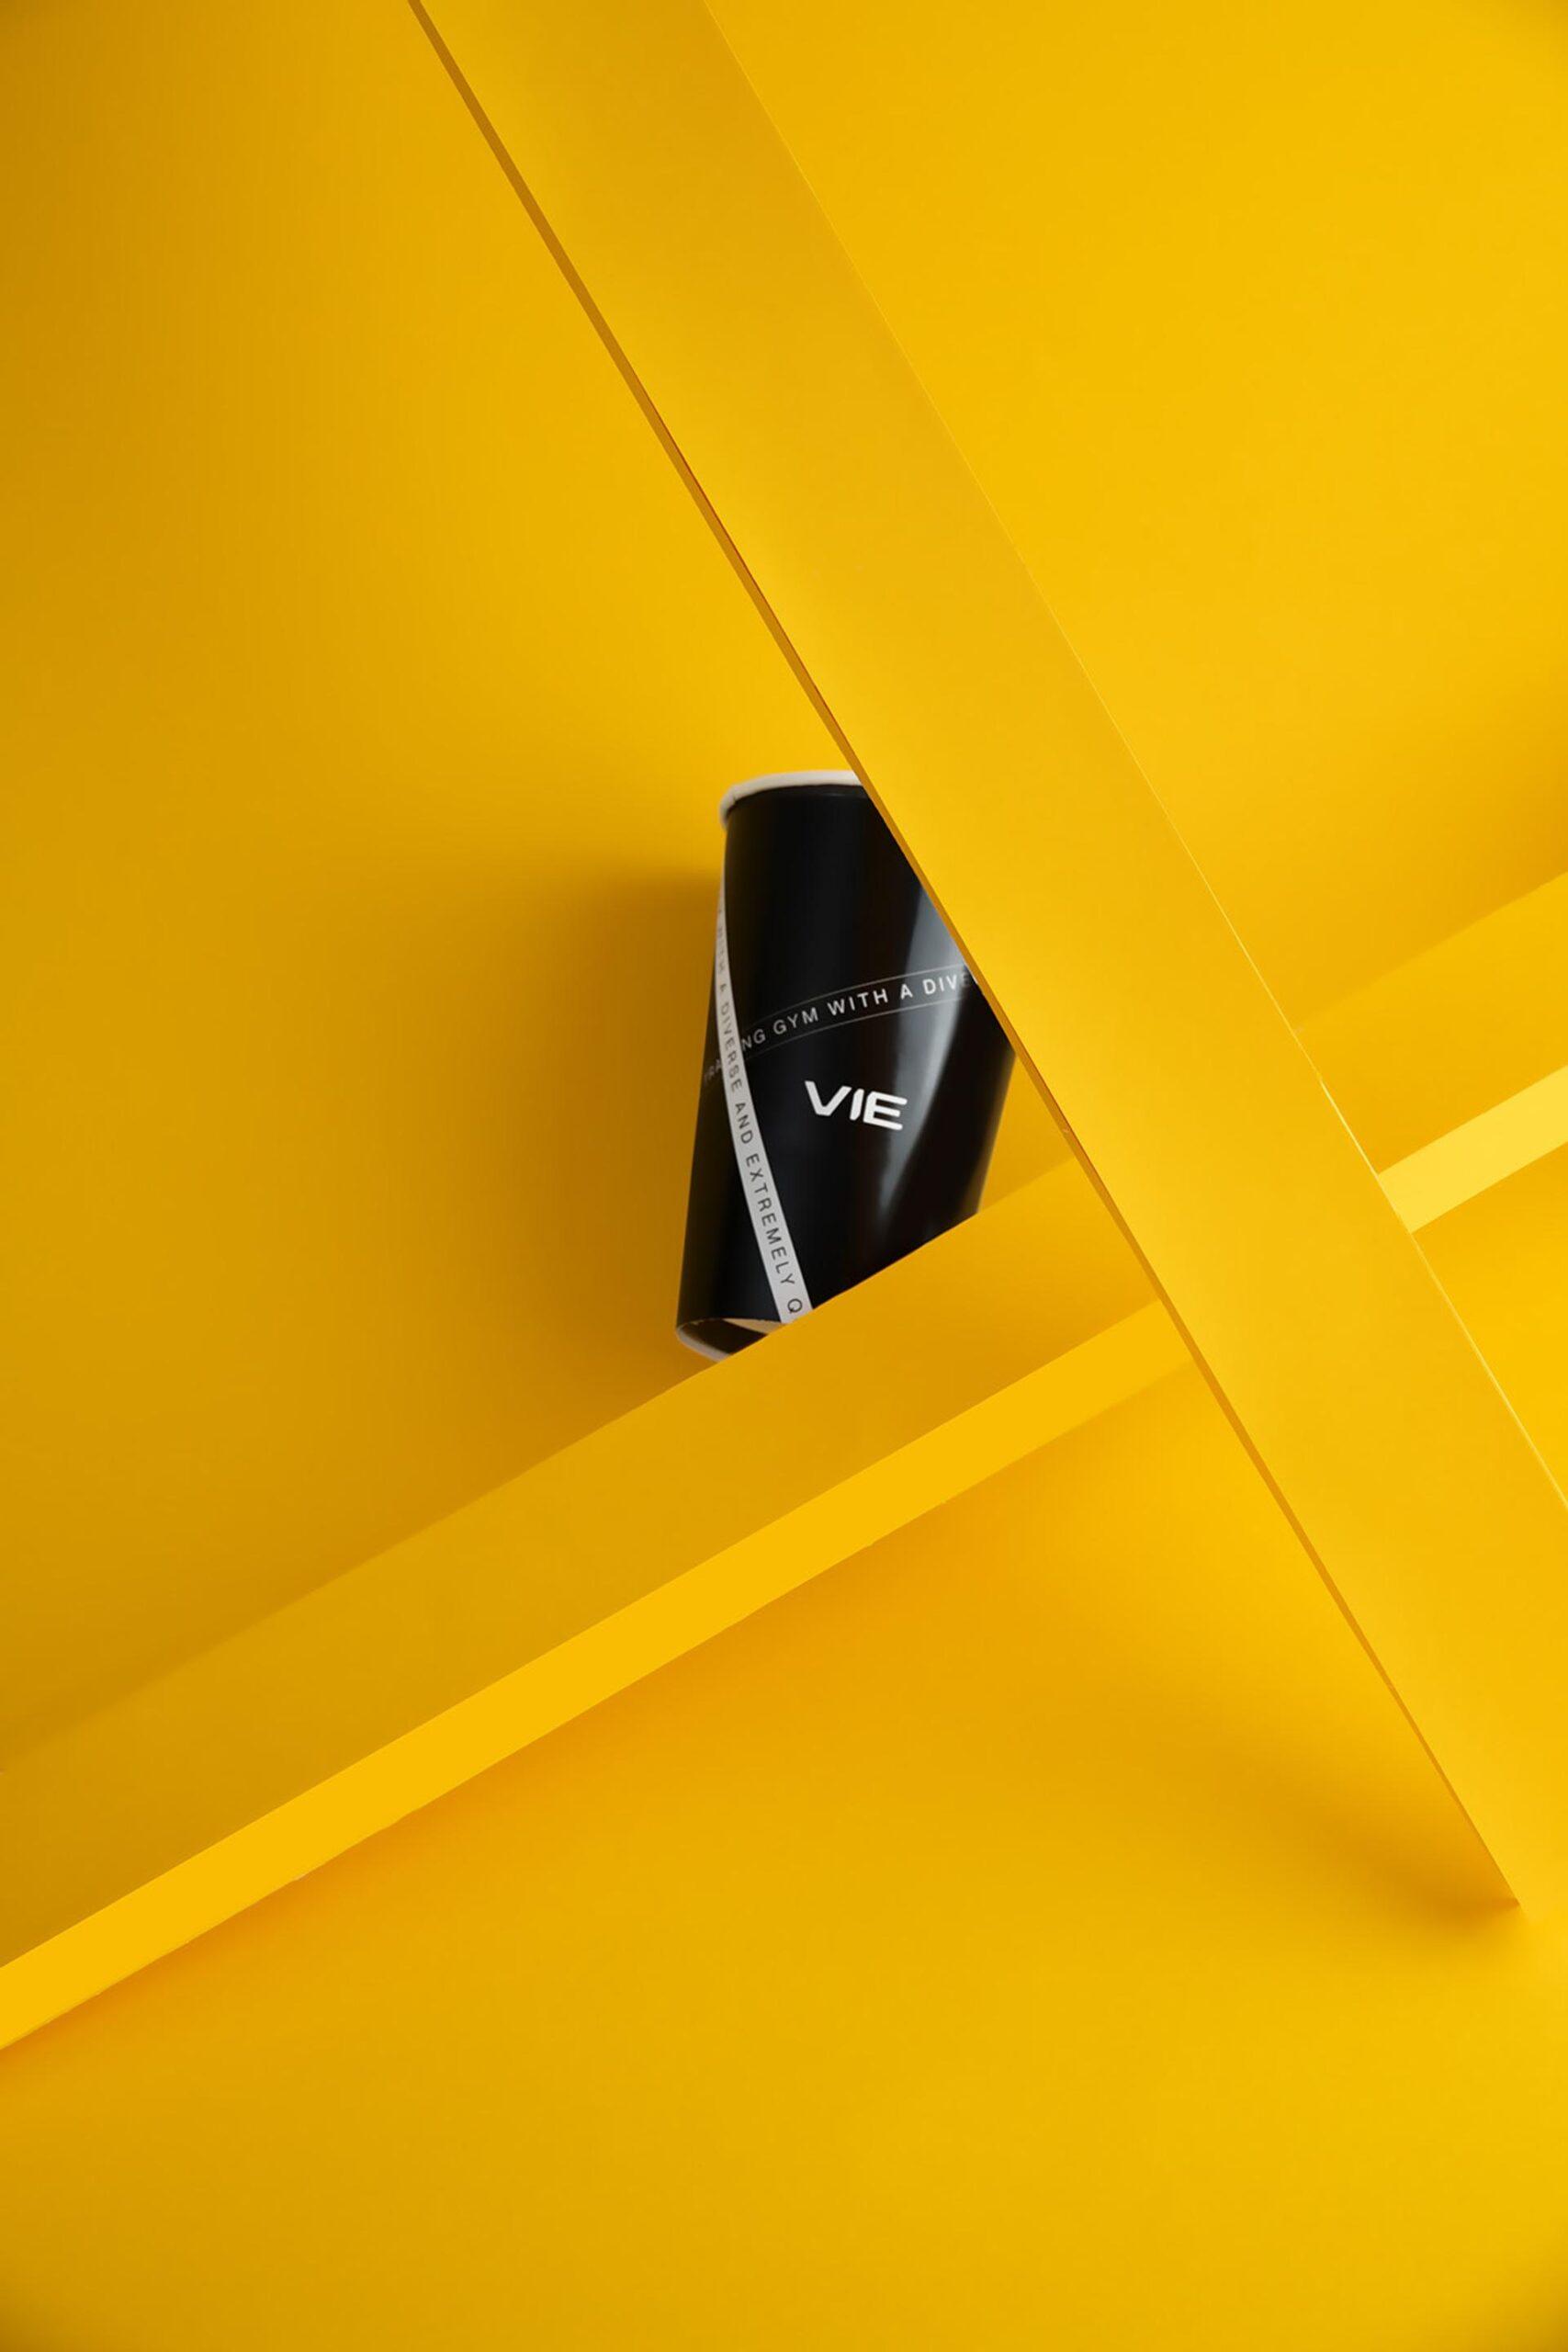 Black Cup UI Design